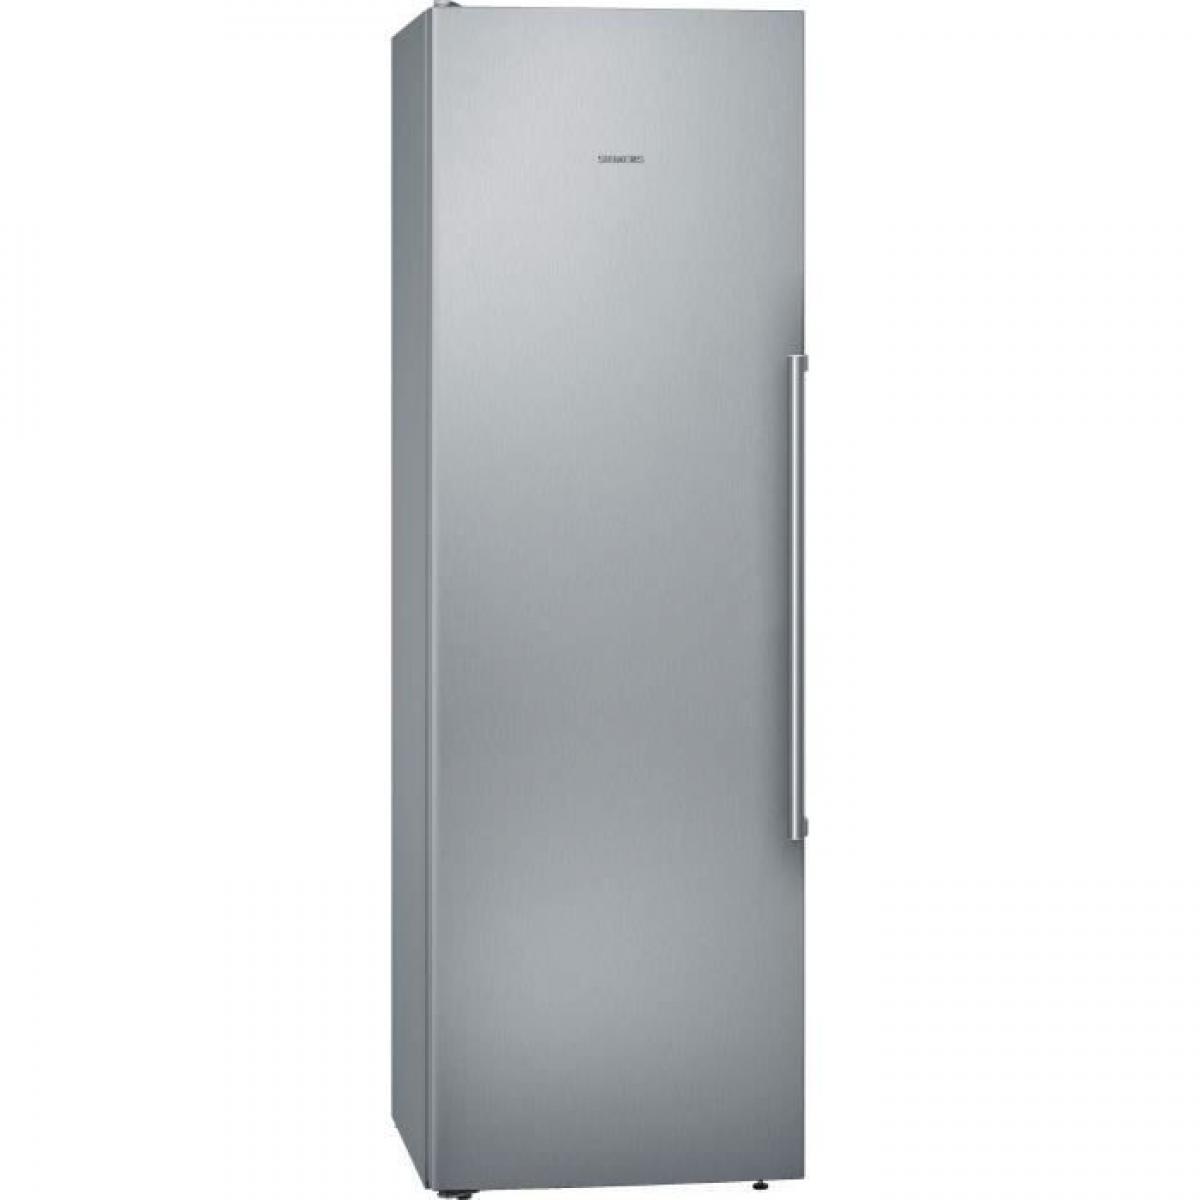 Siemens Réfrigérateur combiné 346L SIEMENS 60cm A++, SIE4242003875797